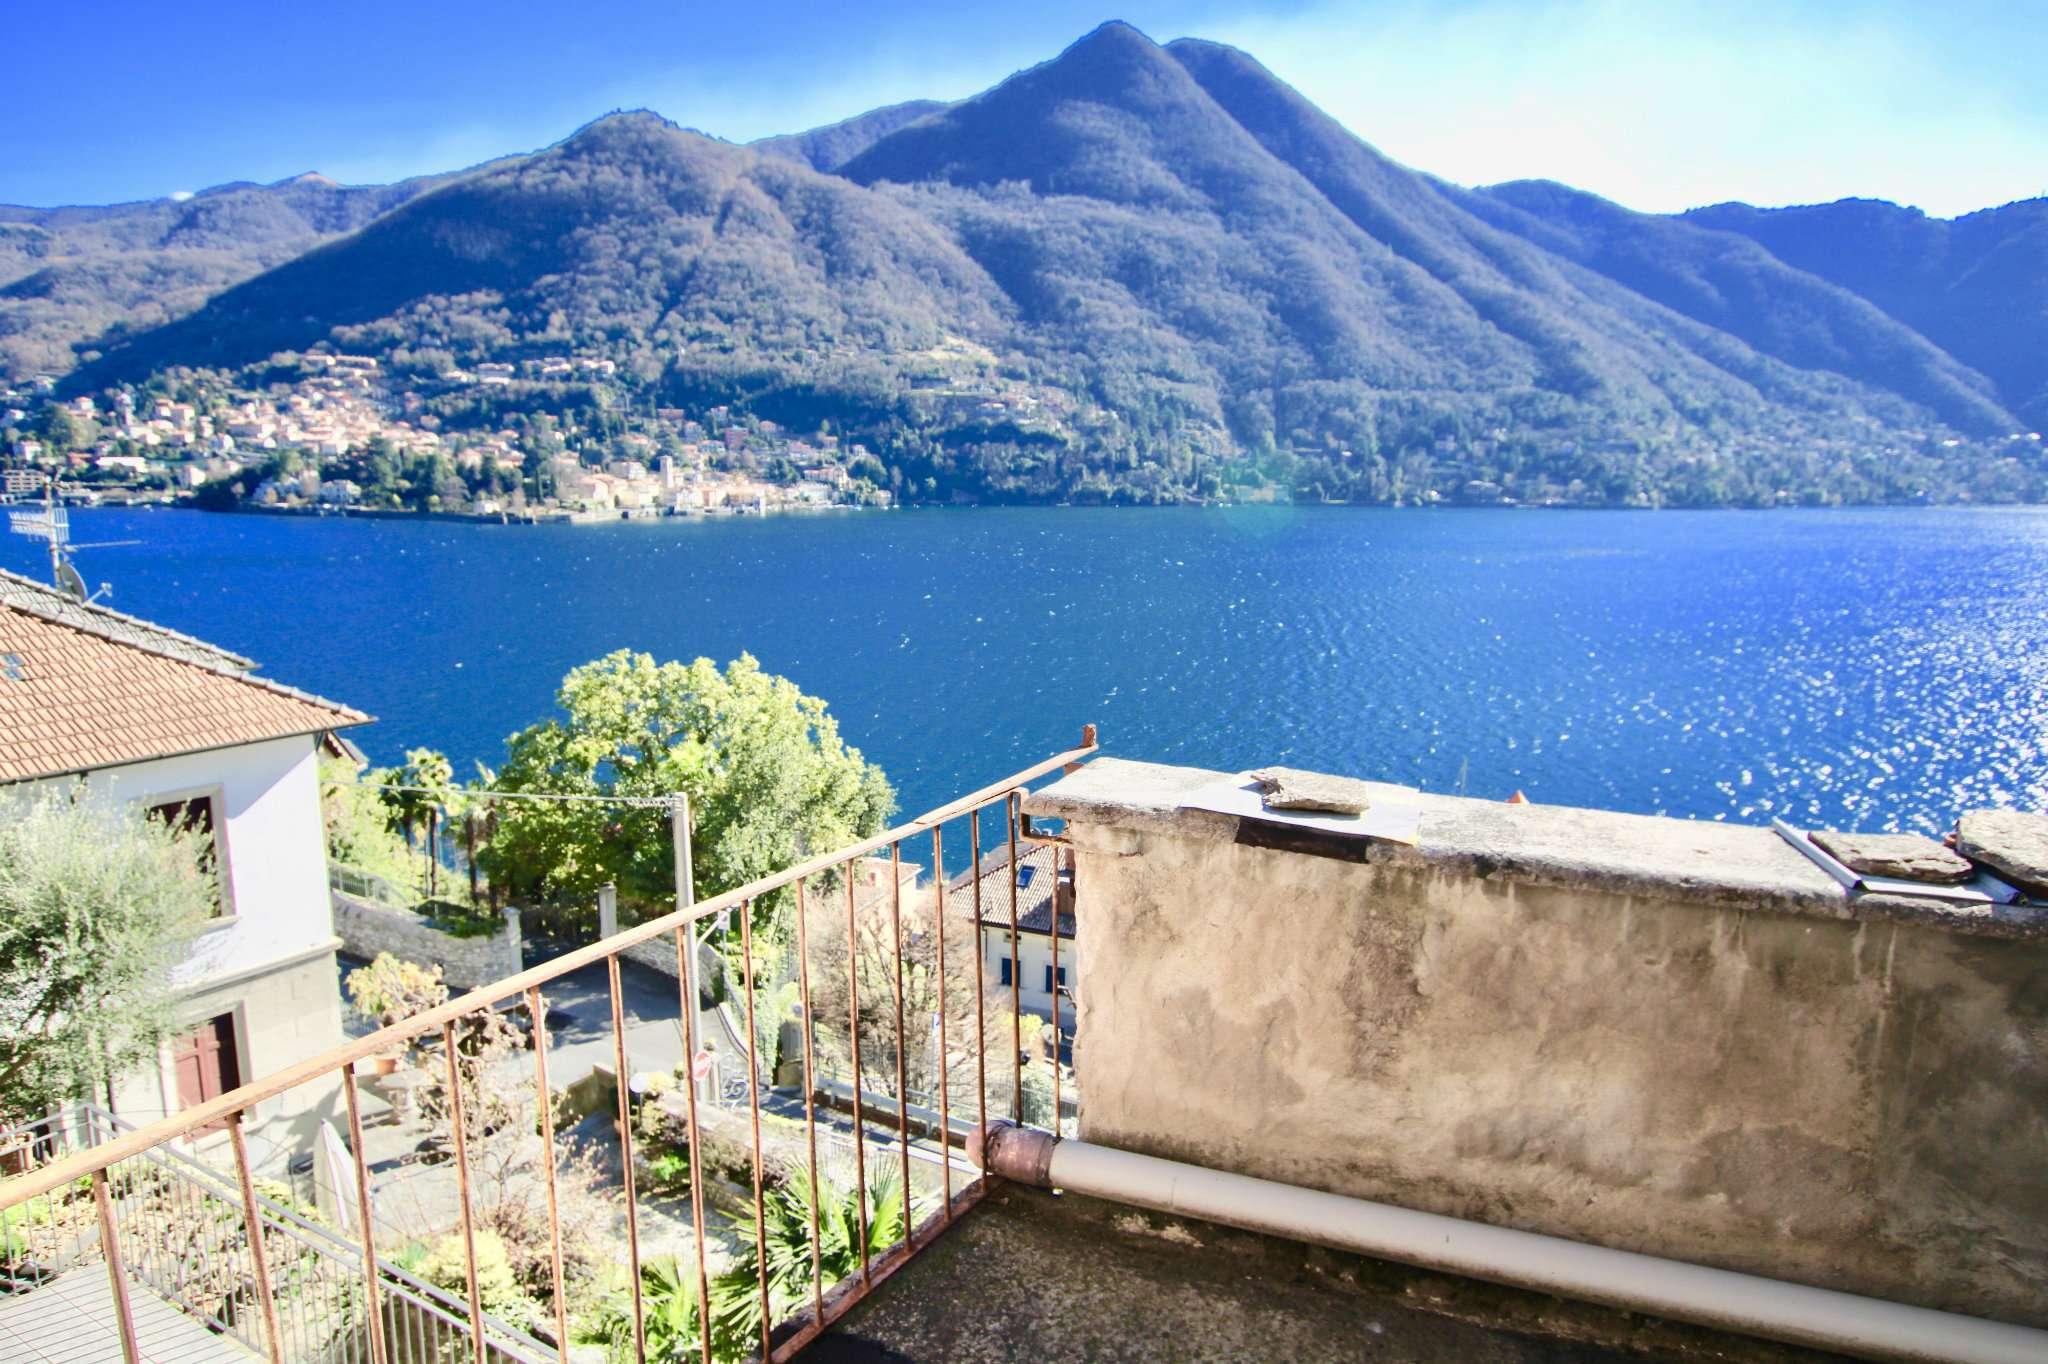 Rustico / Casale in vendita a Moltrasio, 4 locali, prezzo € 280.000 | CambioCasa.it